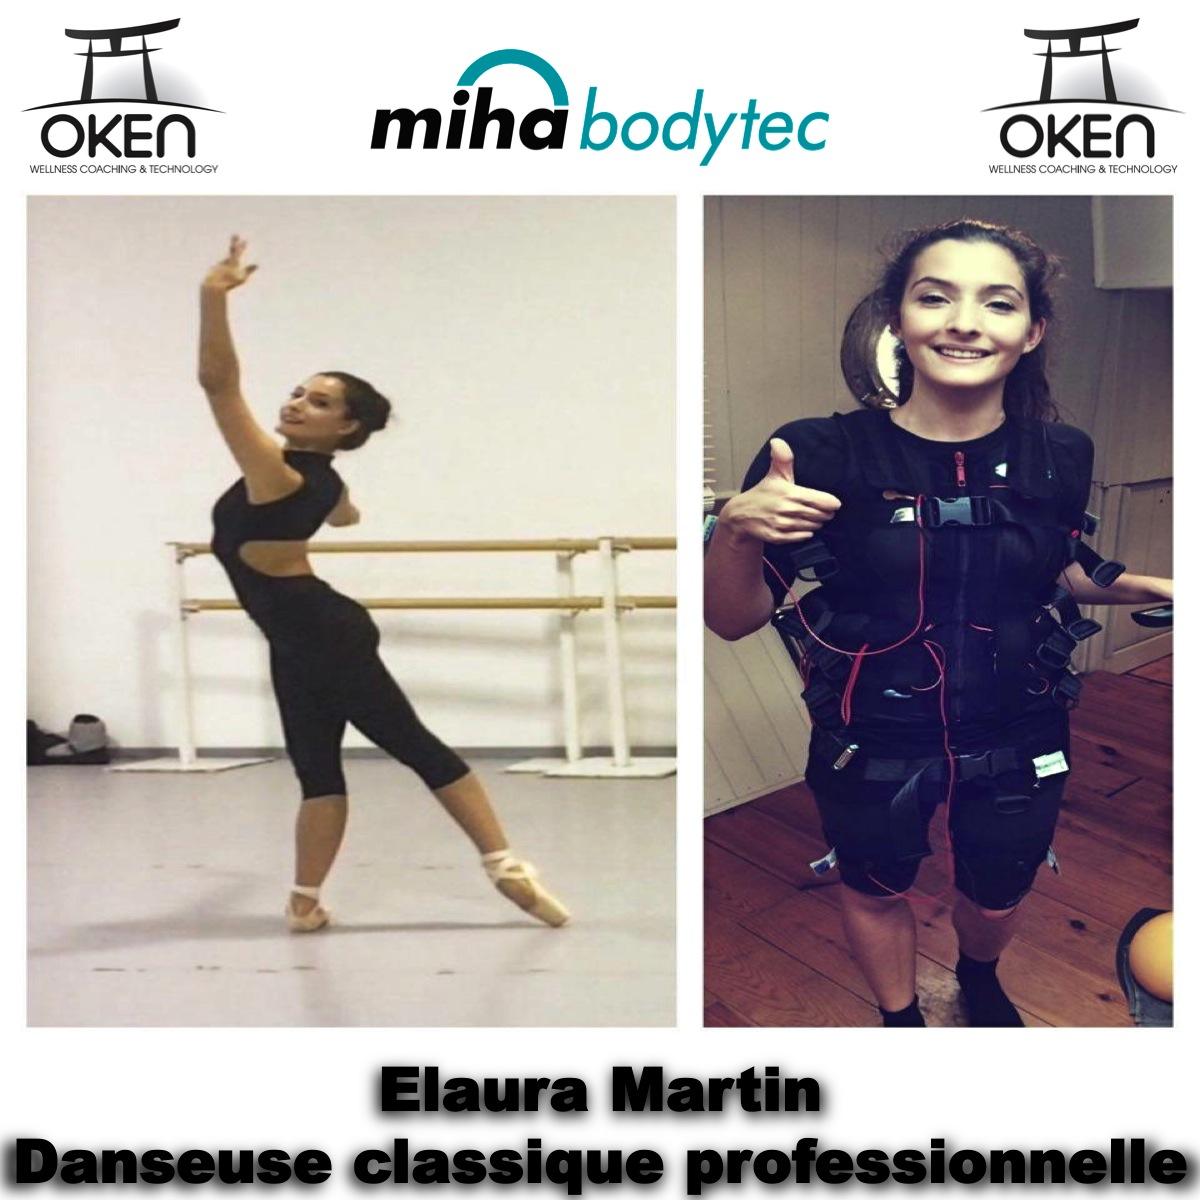 Témoignage de Elaura Martin, danseuse classique professionnelle